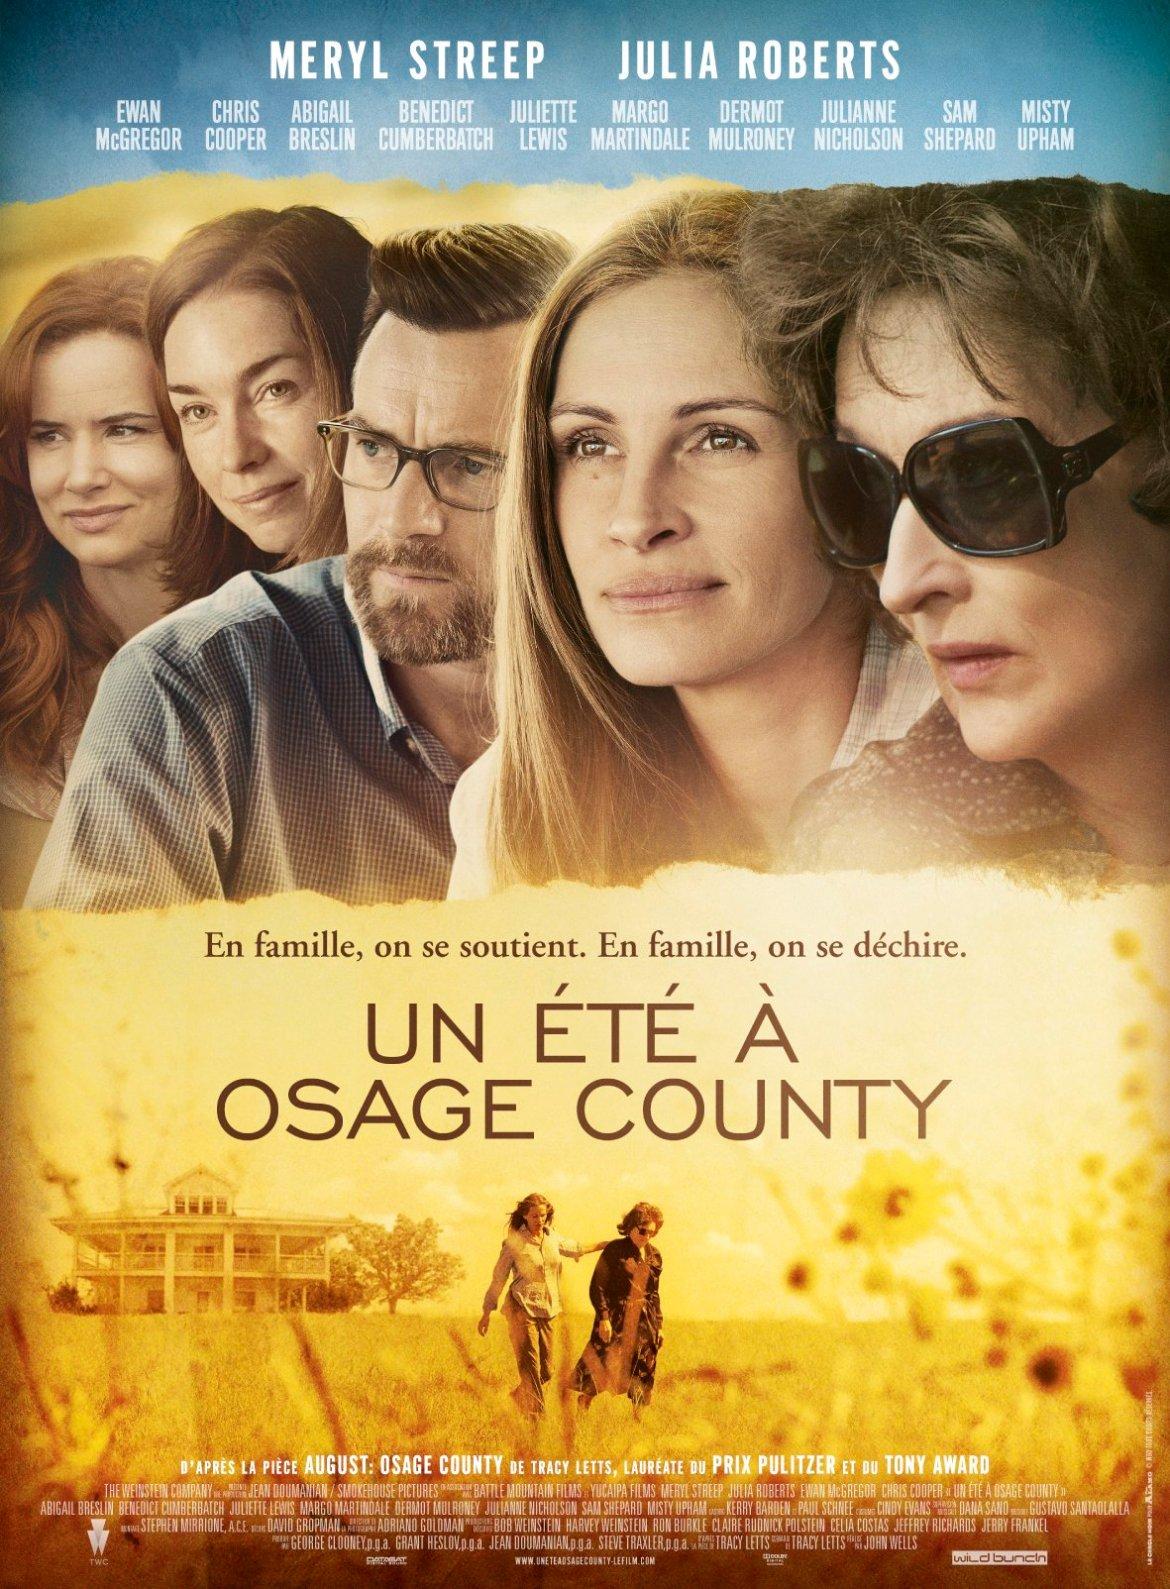 UN-ÉTÉ-À-OSAGE-COUNTY